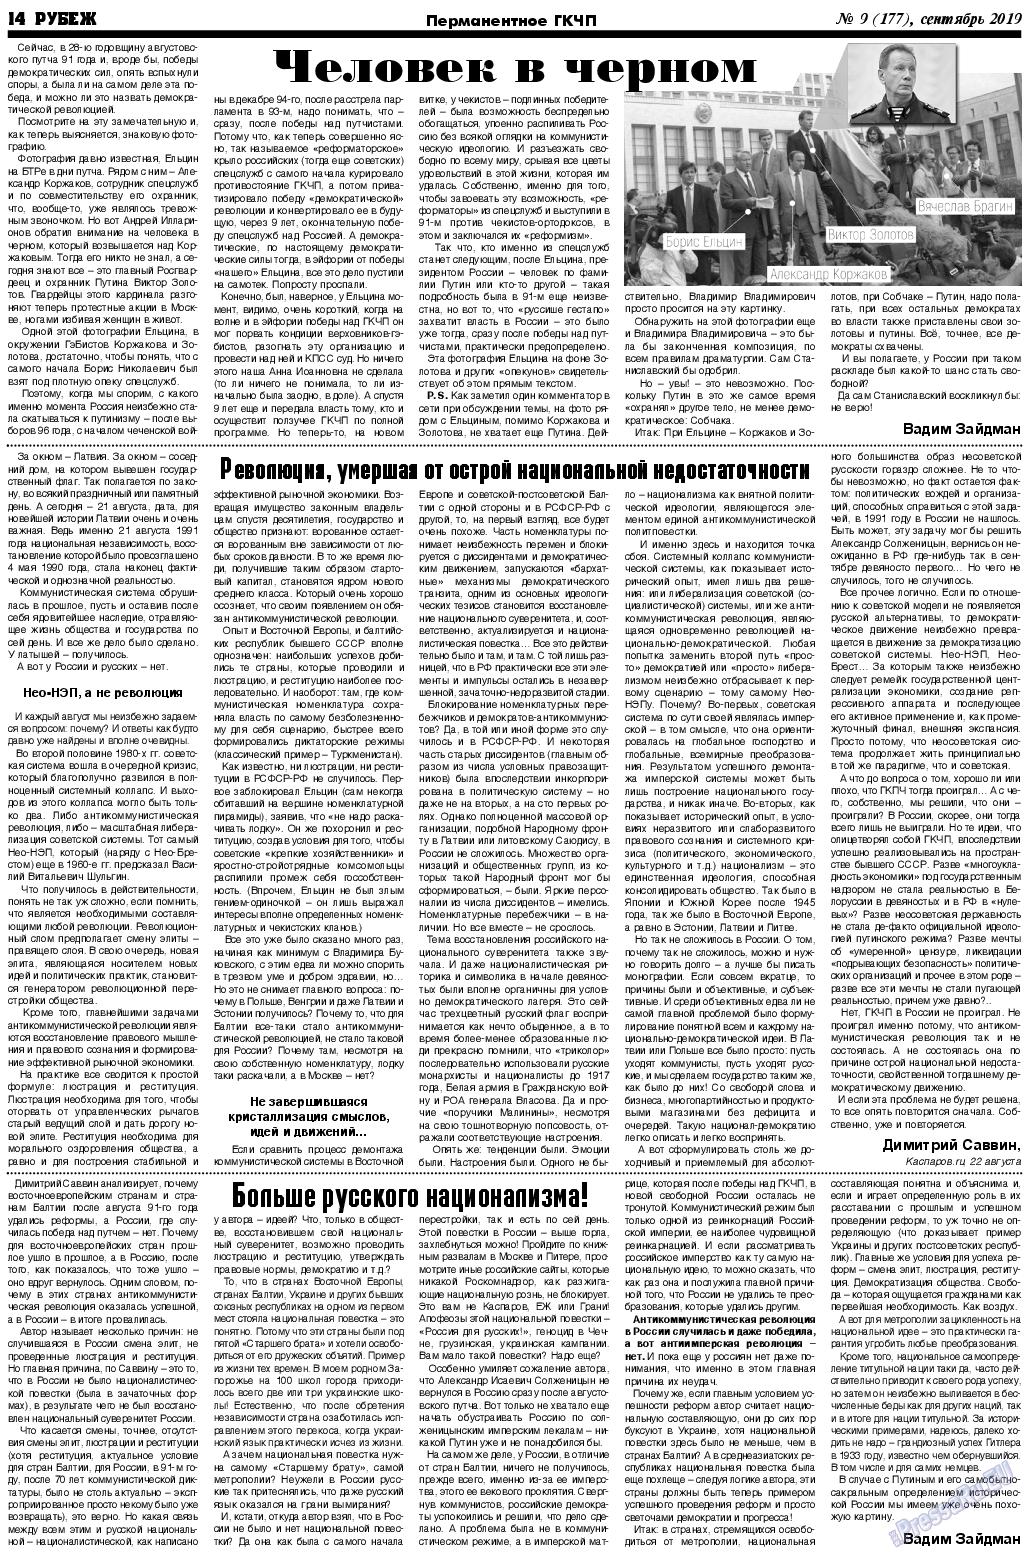 Рубеж (газета). 2019 год, номер 9, стр. 14